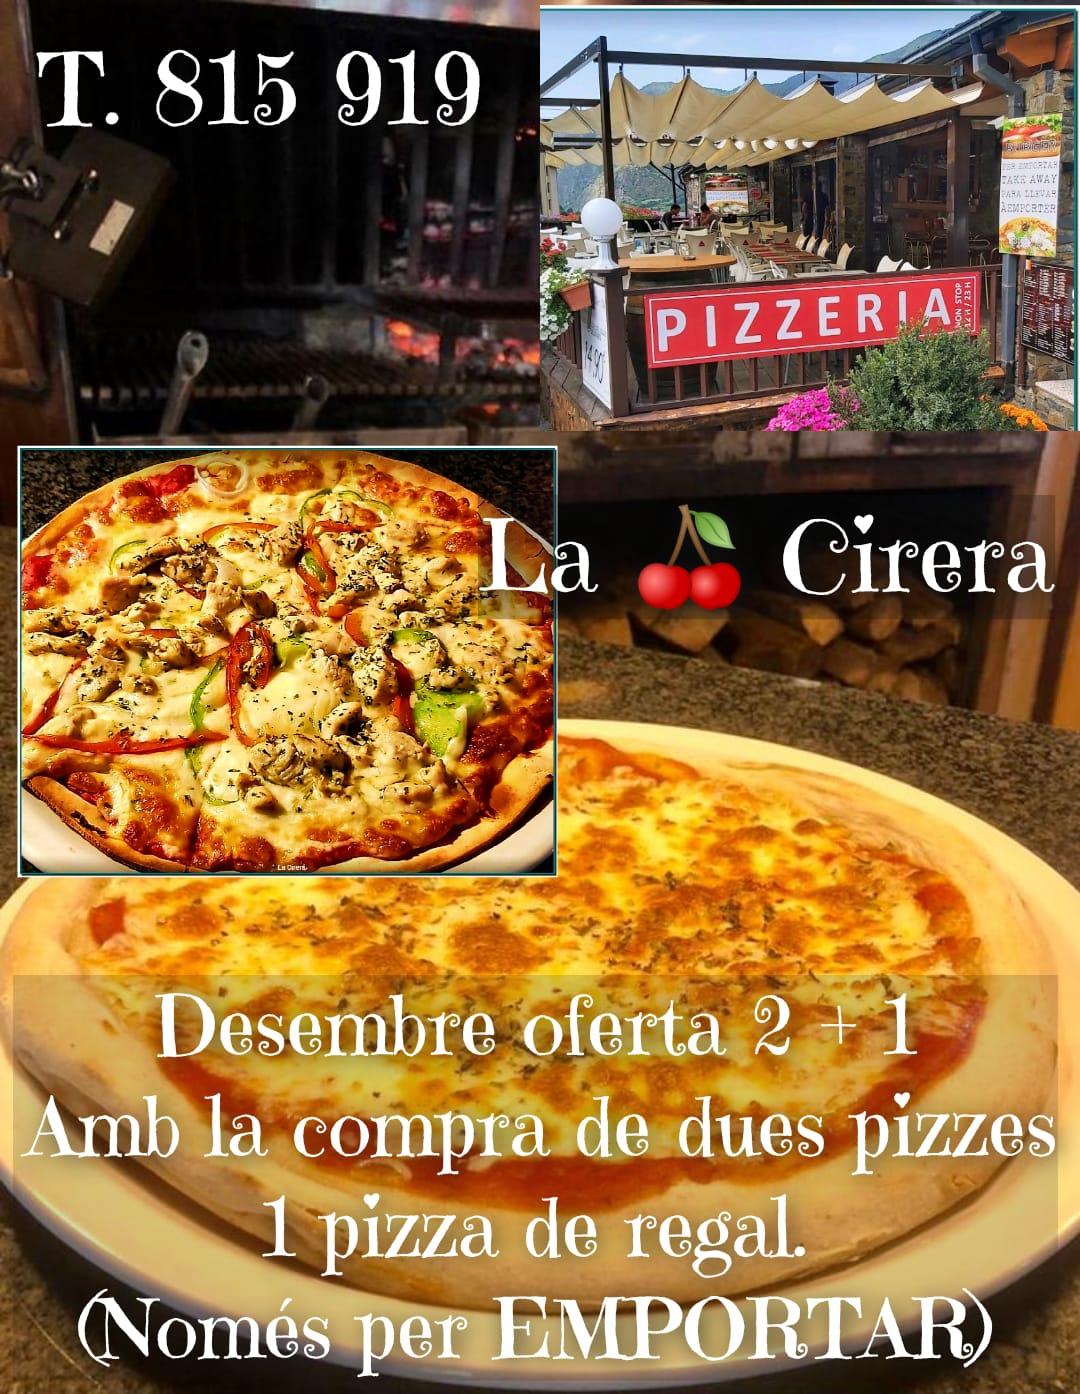 Desembre oferta 2 + 1 Amb la compra de dues pizzes 1 pizza de regal. (Només per EMPORTAR) T. 815 919.